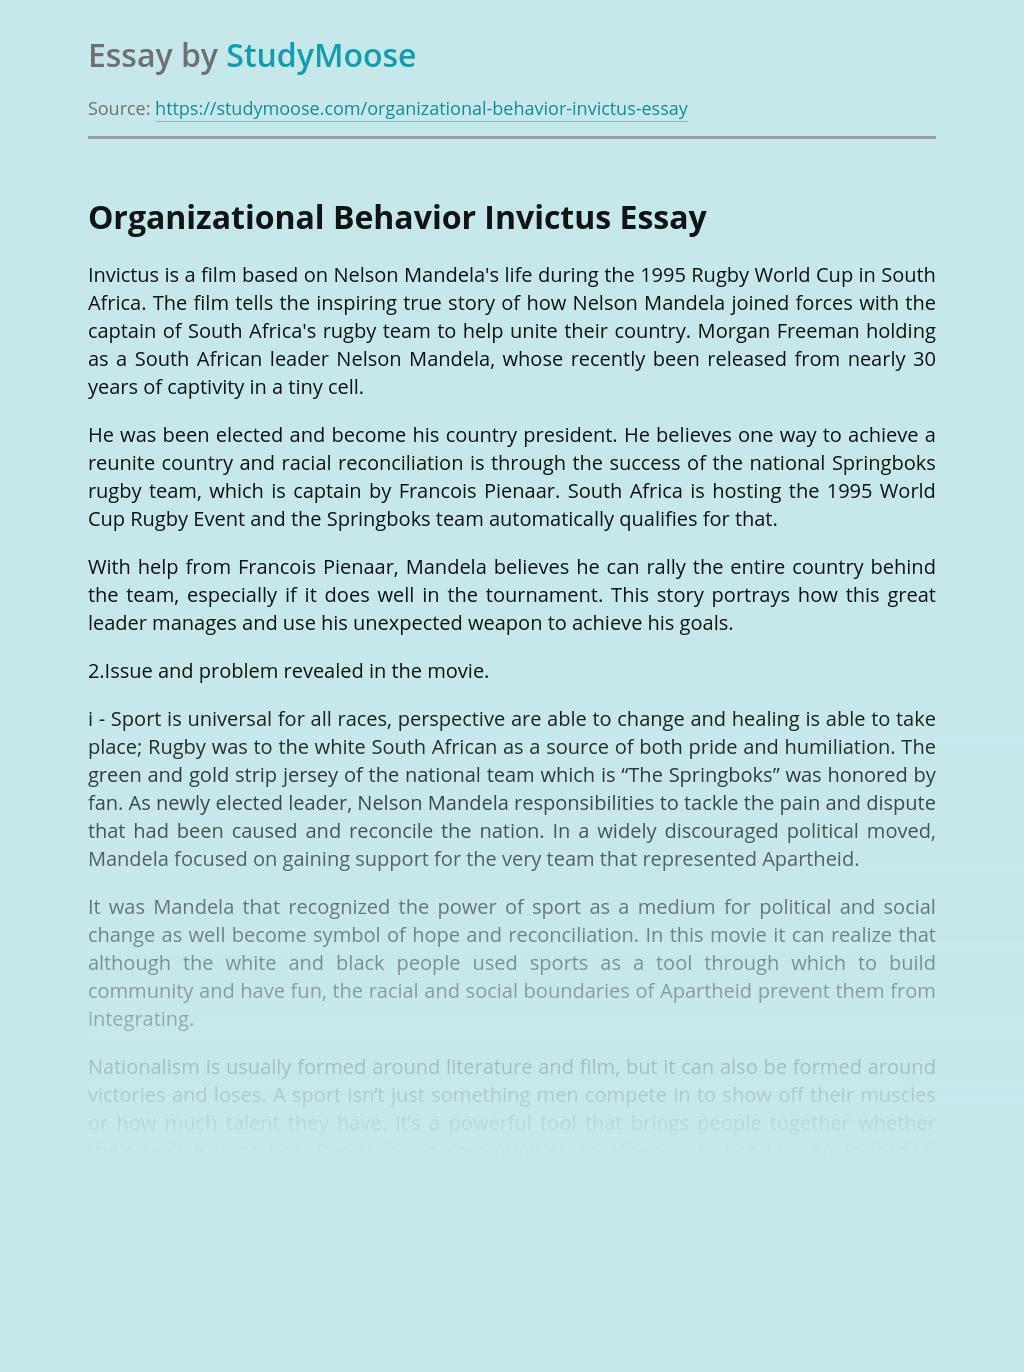 Organizational Behavior Invictus